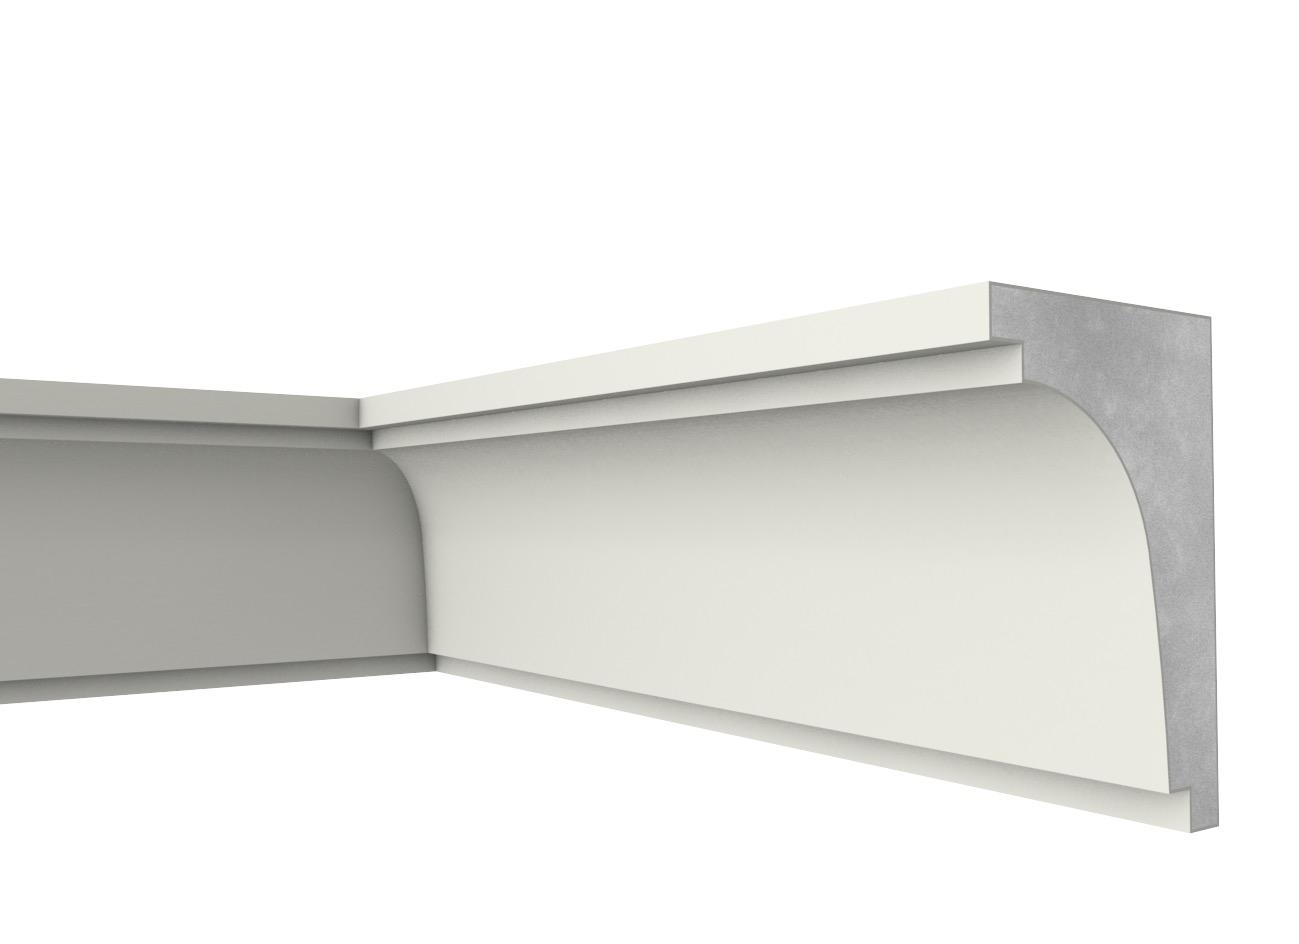 Mb 30 - Cornicione e sottogronda in polistirene spalmato con graniglie - Decorget - Ital Decori - Image 0